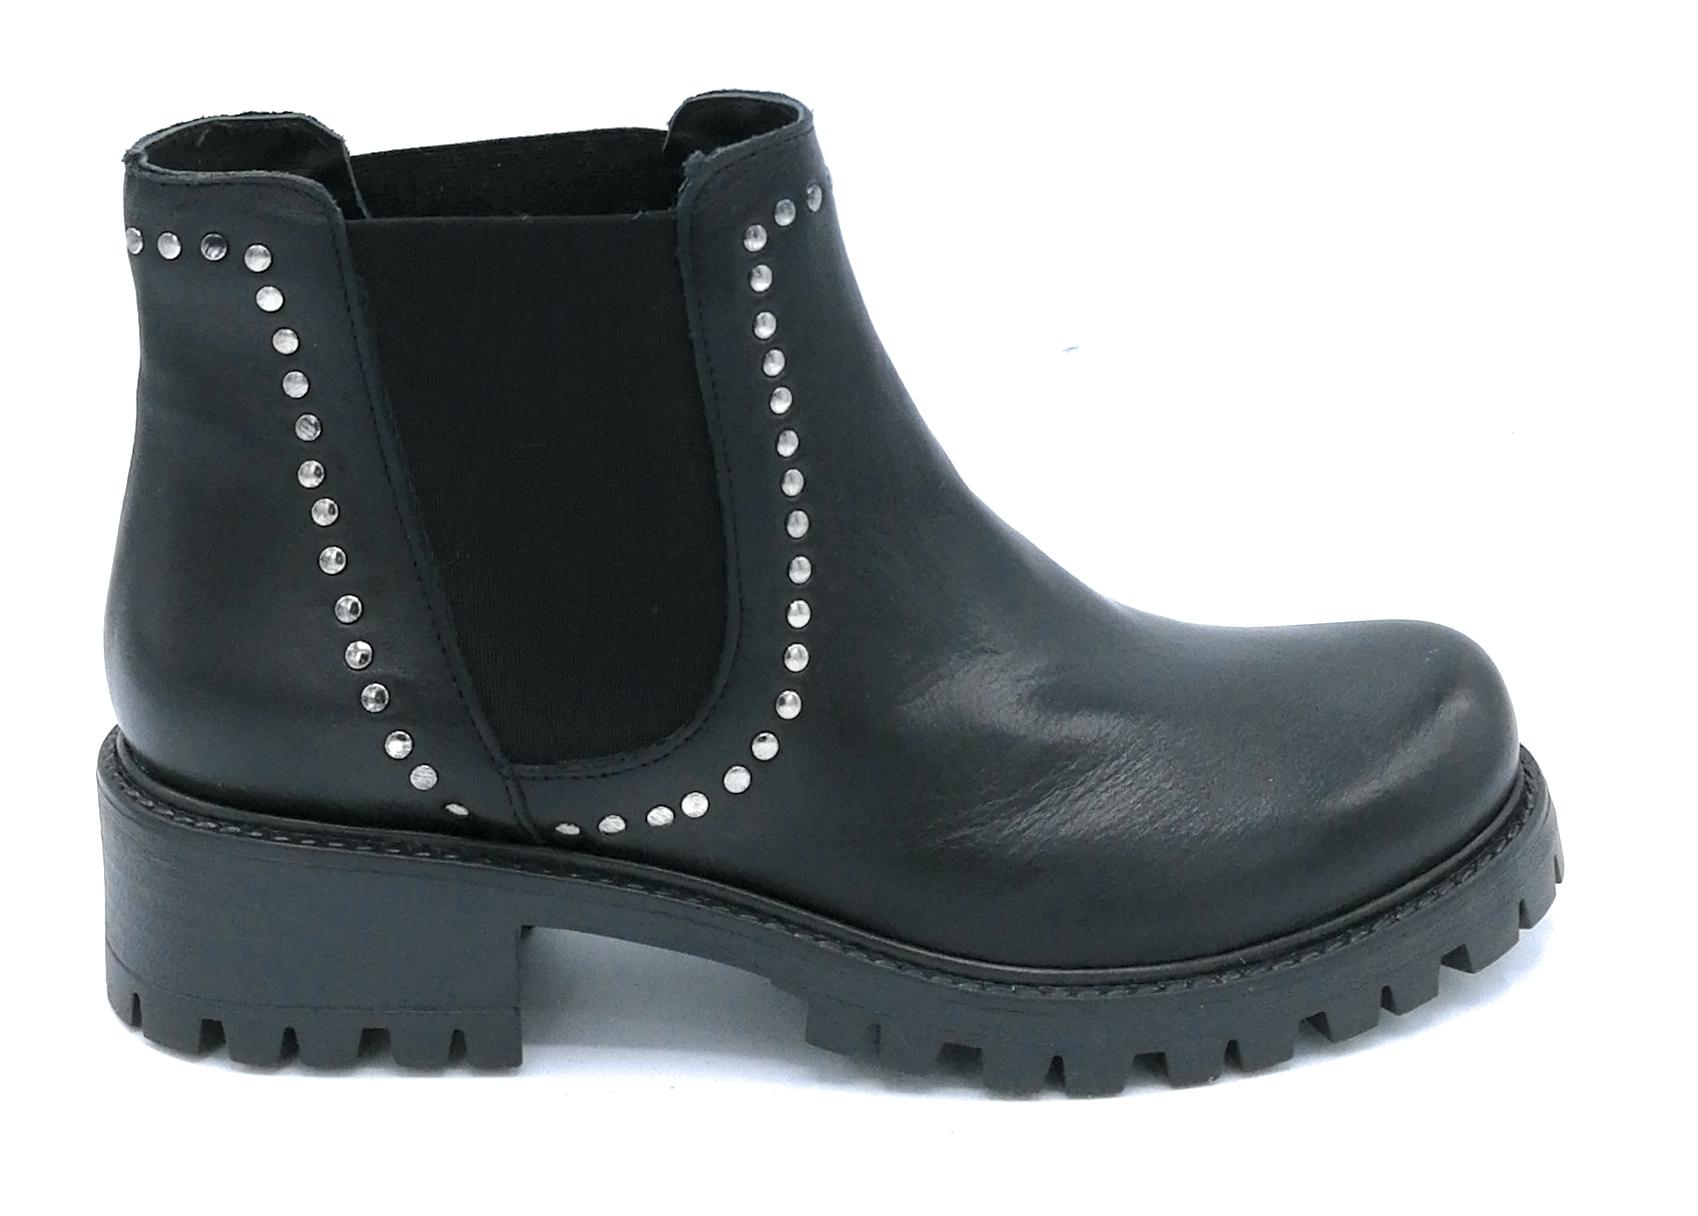 Debutto Donna 240 stivaletto pelle nera elastico borchie suola c armato ea42cd27967